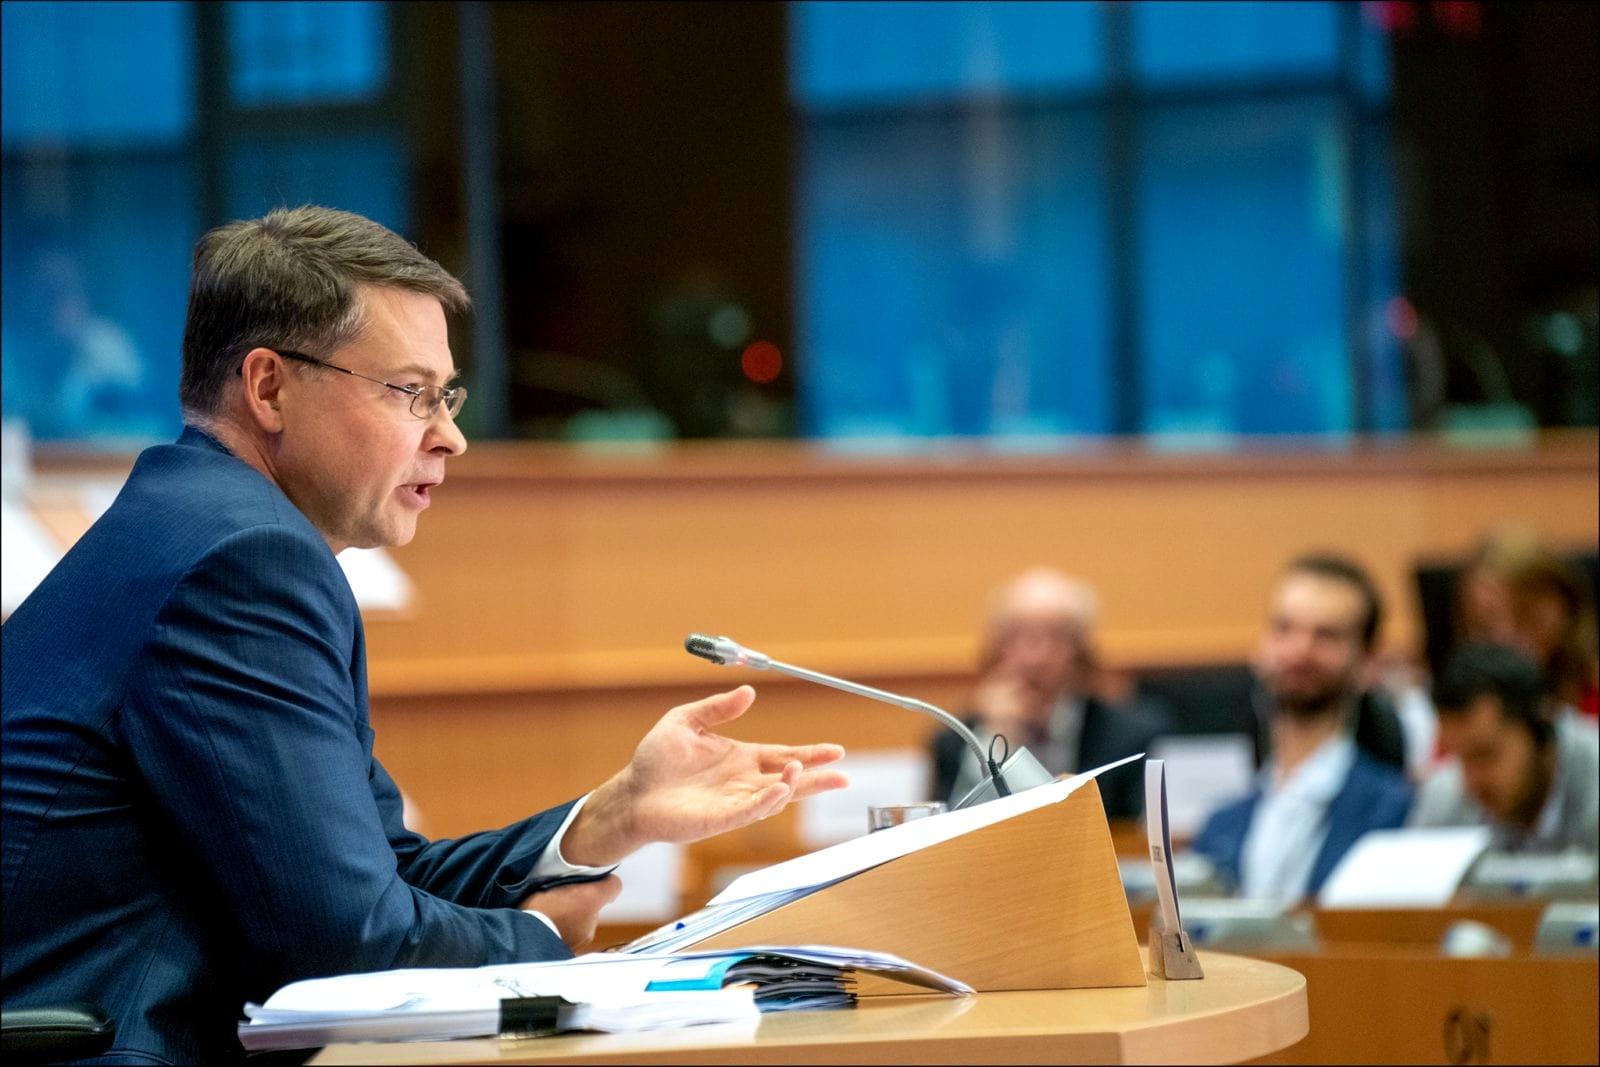 Mille miliardi in 10 anni per Green deal, ecco il piano di investimenti dell'Ue